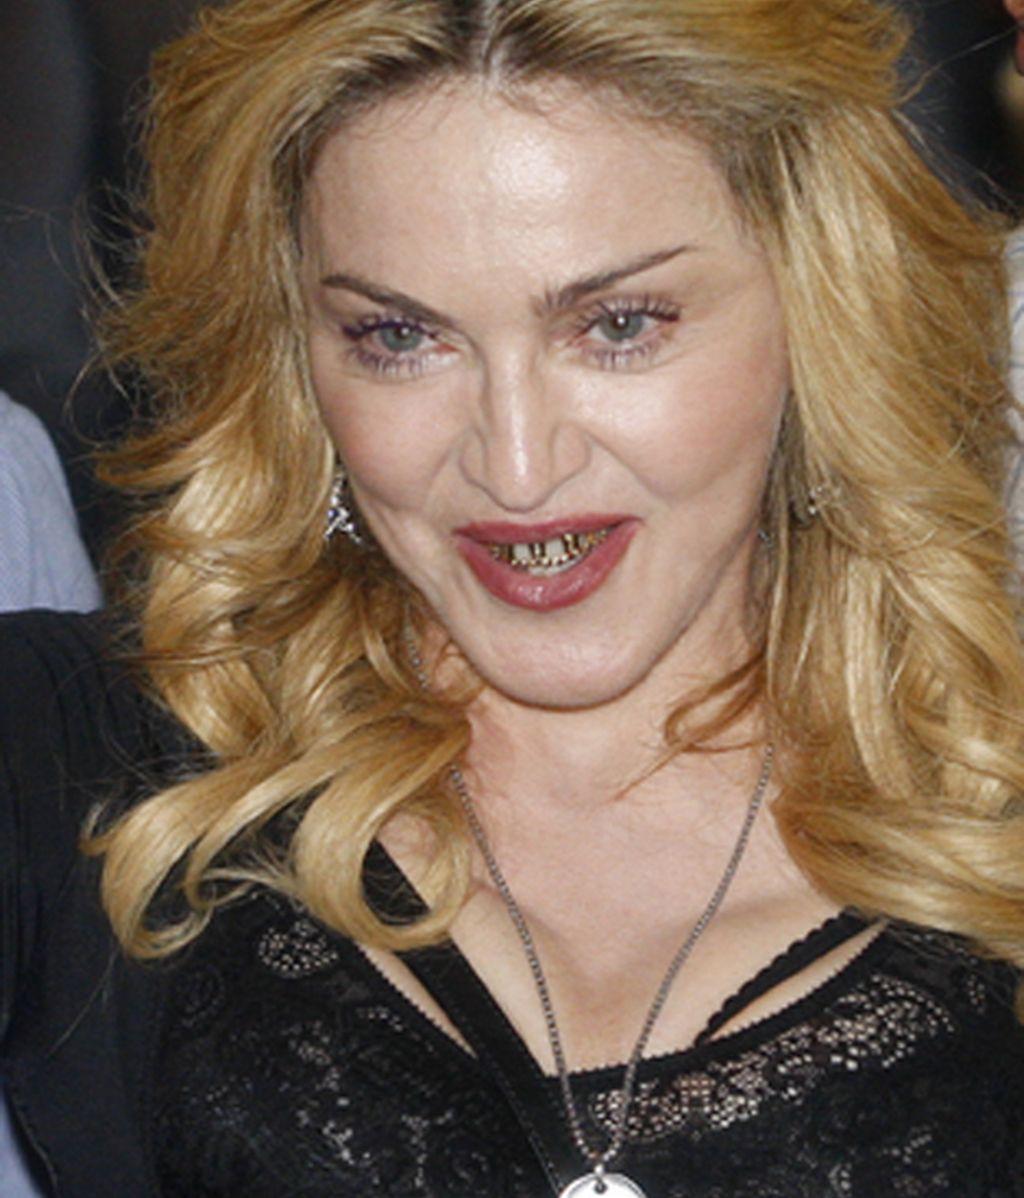 La cantante Madonna, sonriente tras abandonar su gimnasio 'Hard Candy Fitness'